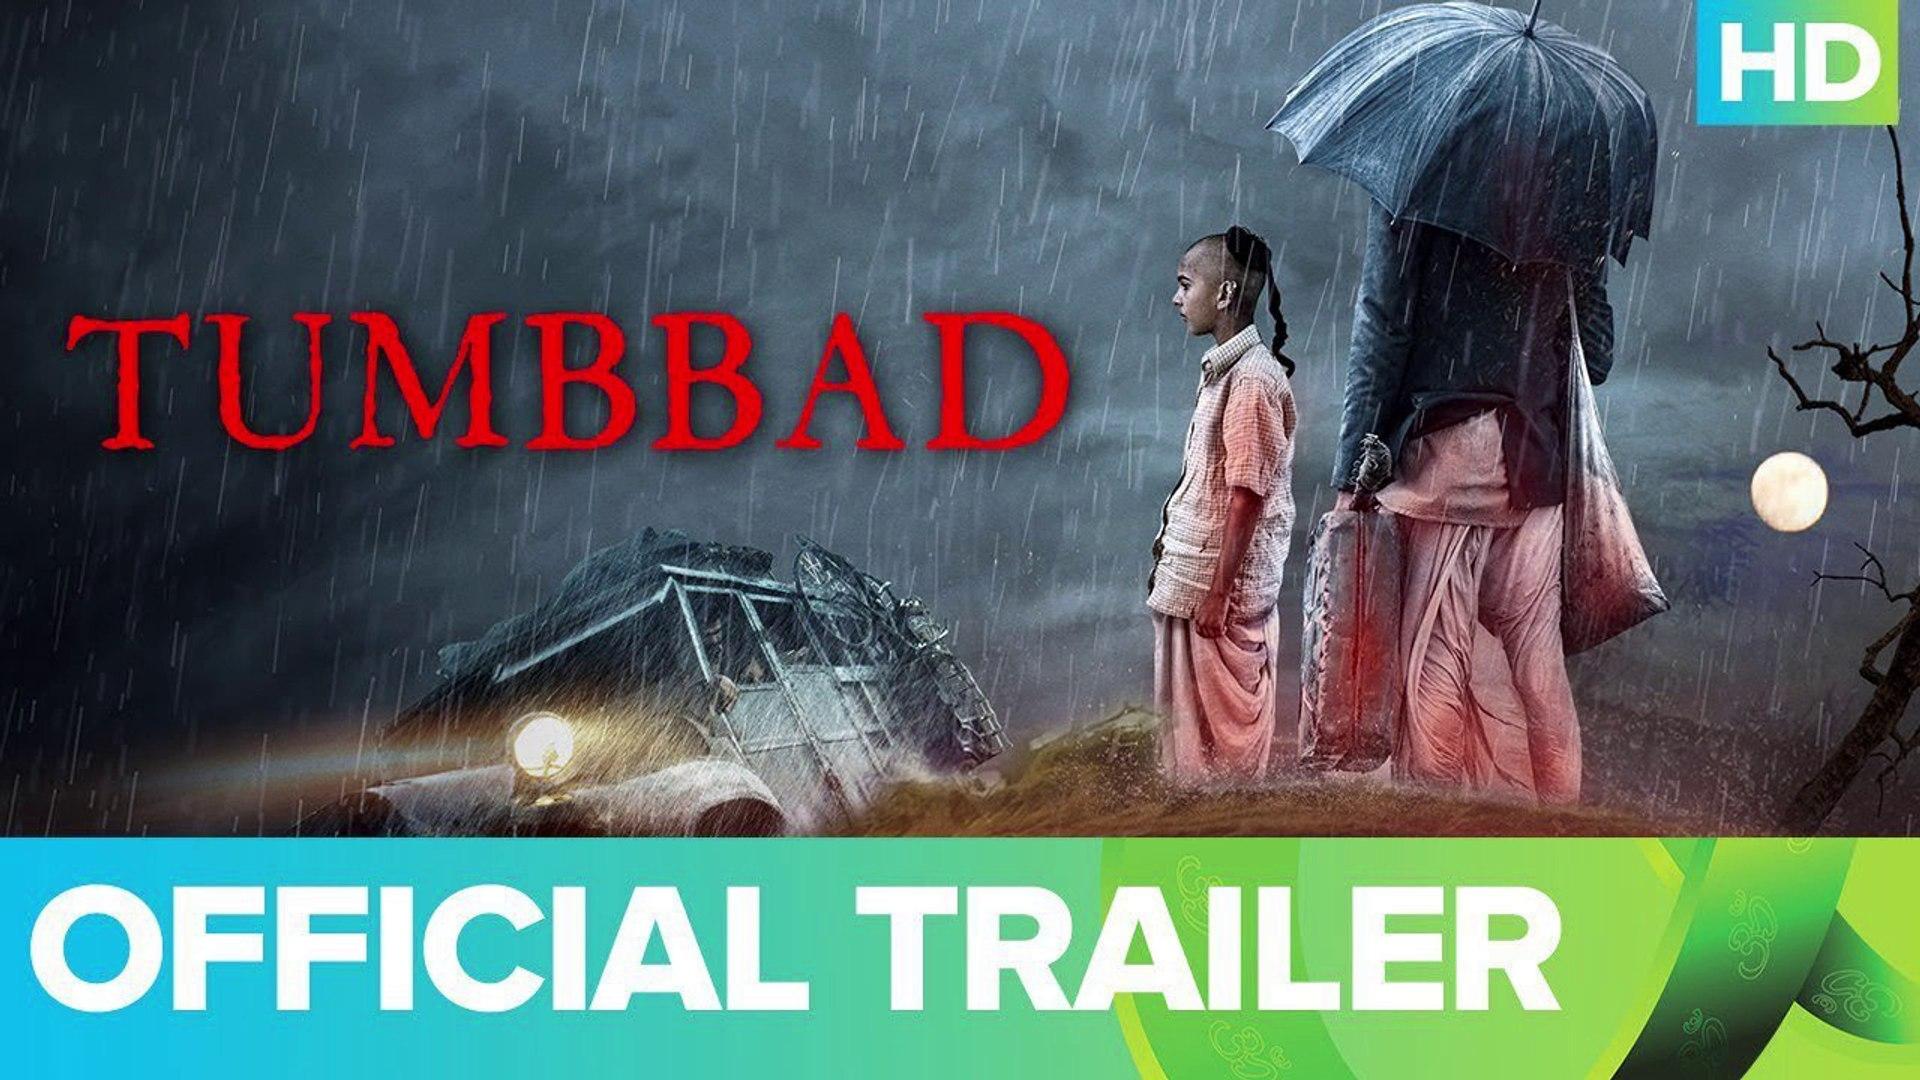 Tumbbad Hd Official Trailer Sohum Shah Aanand L Rai